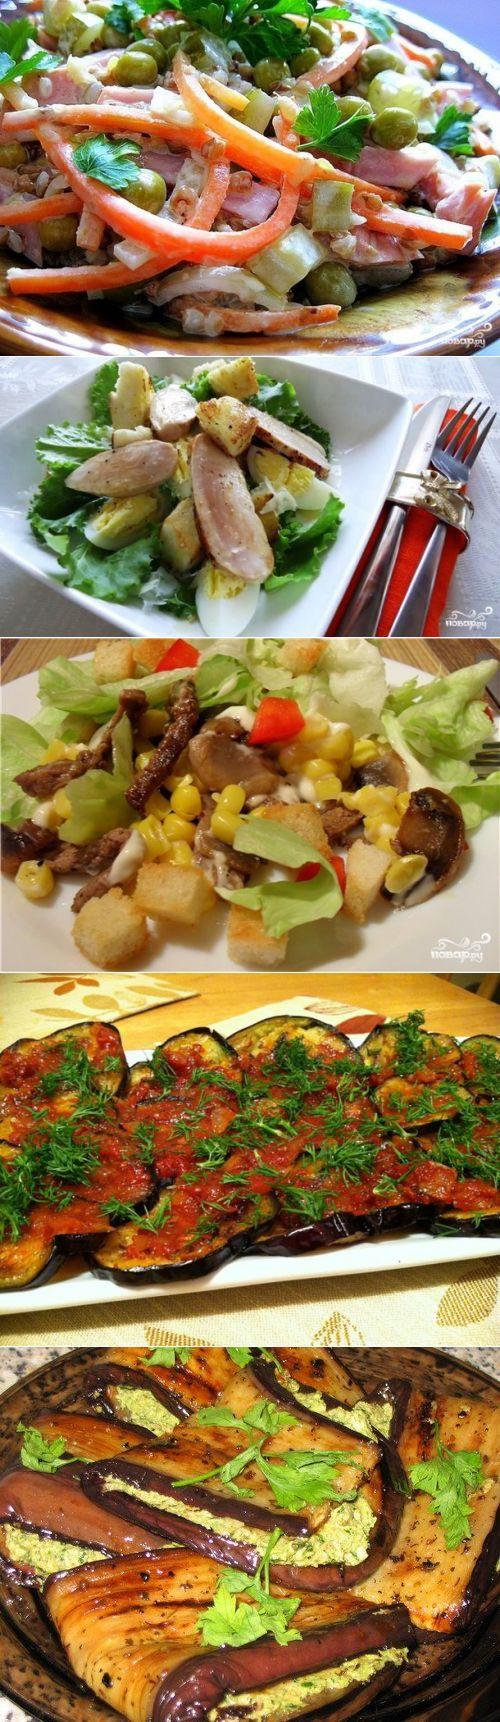 детские рецепты салатов и закусок